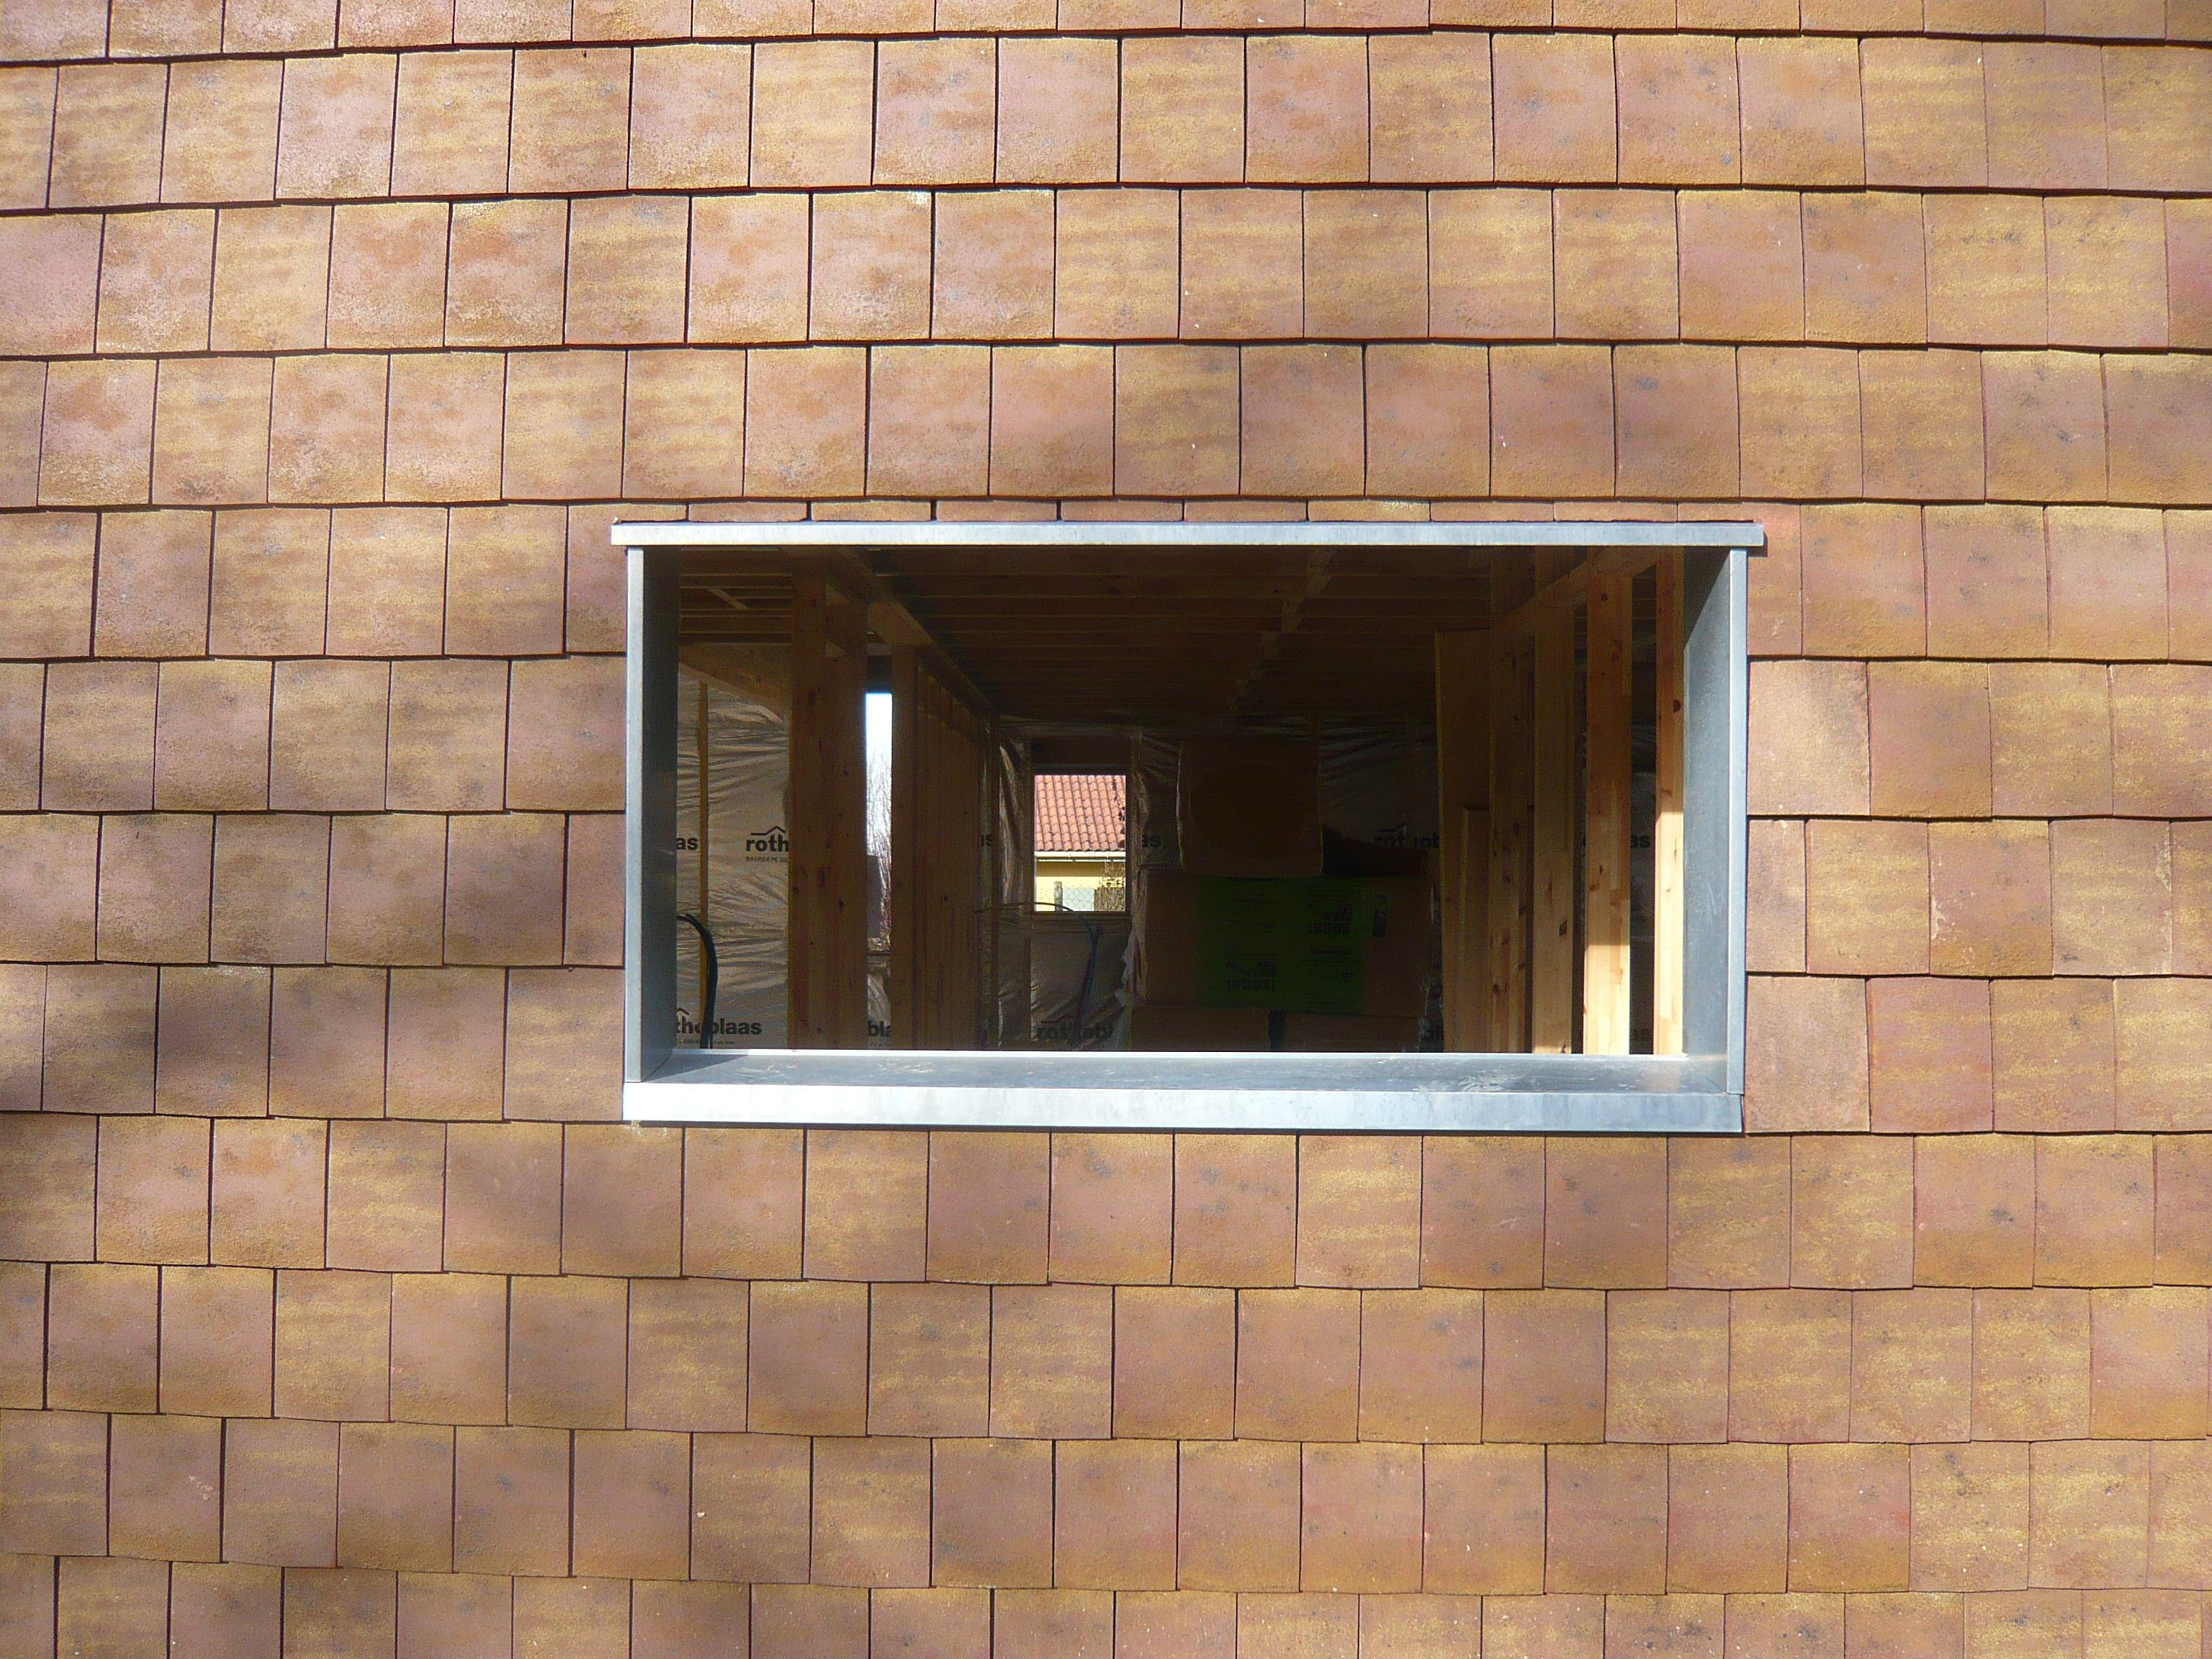 Maison bois classic design fabien perret architecte lyon - Fenetre teintee maison ...